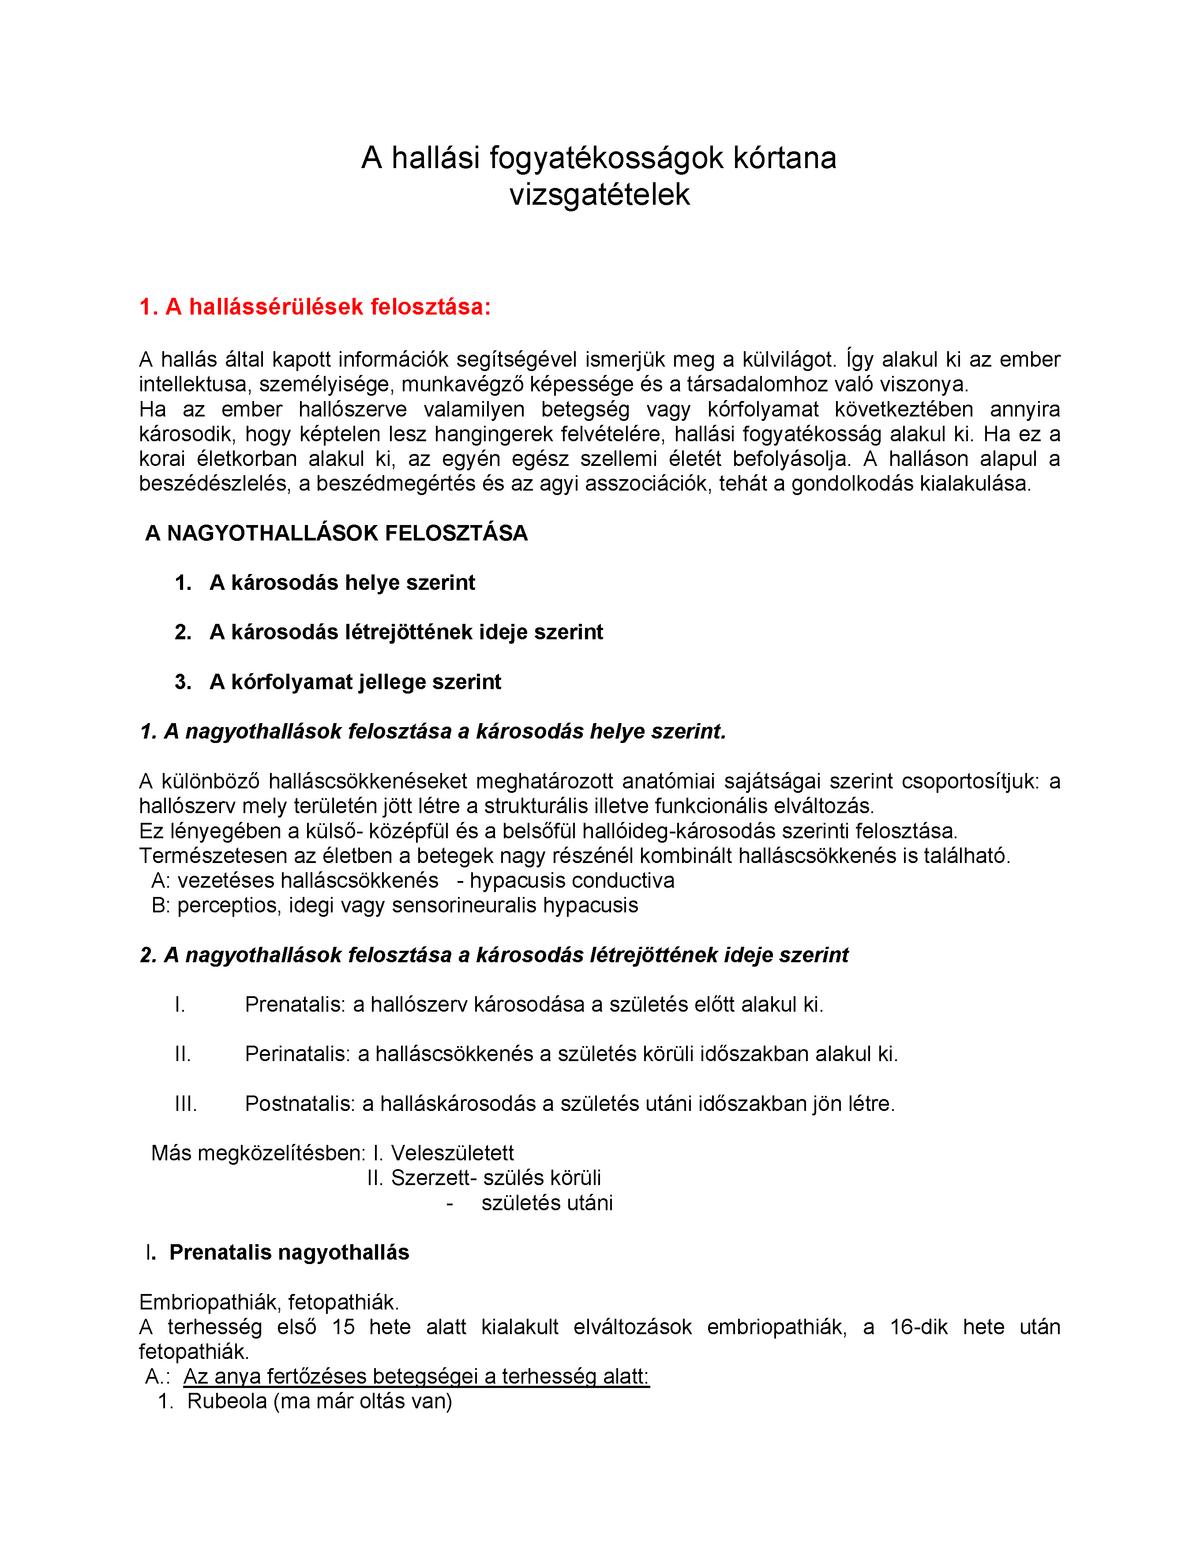 szatmarbereg.hu Állás és Információs portál /